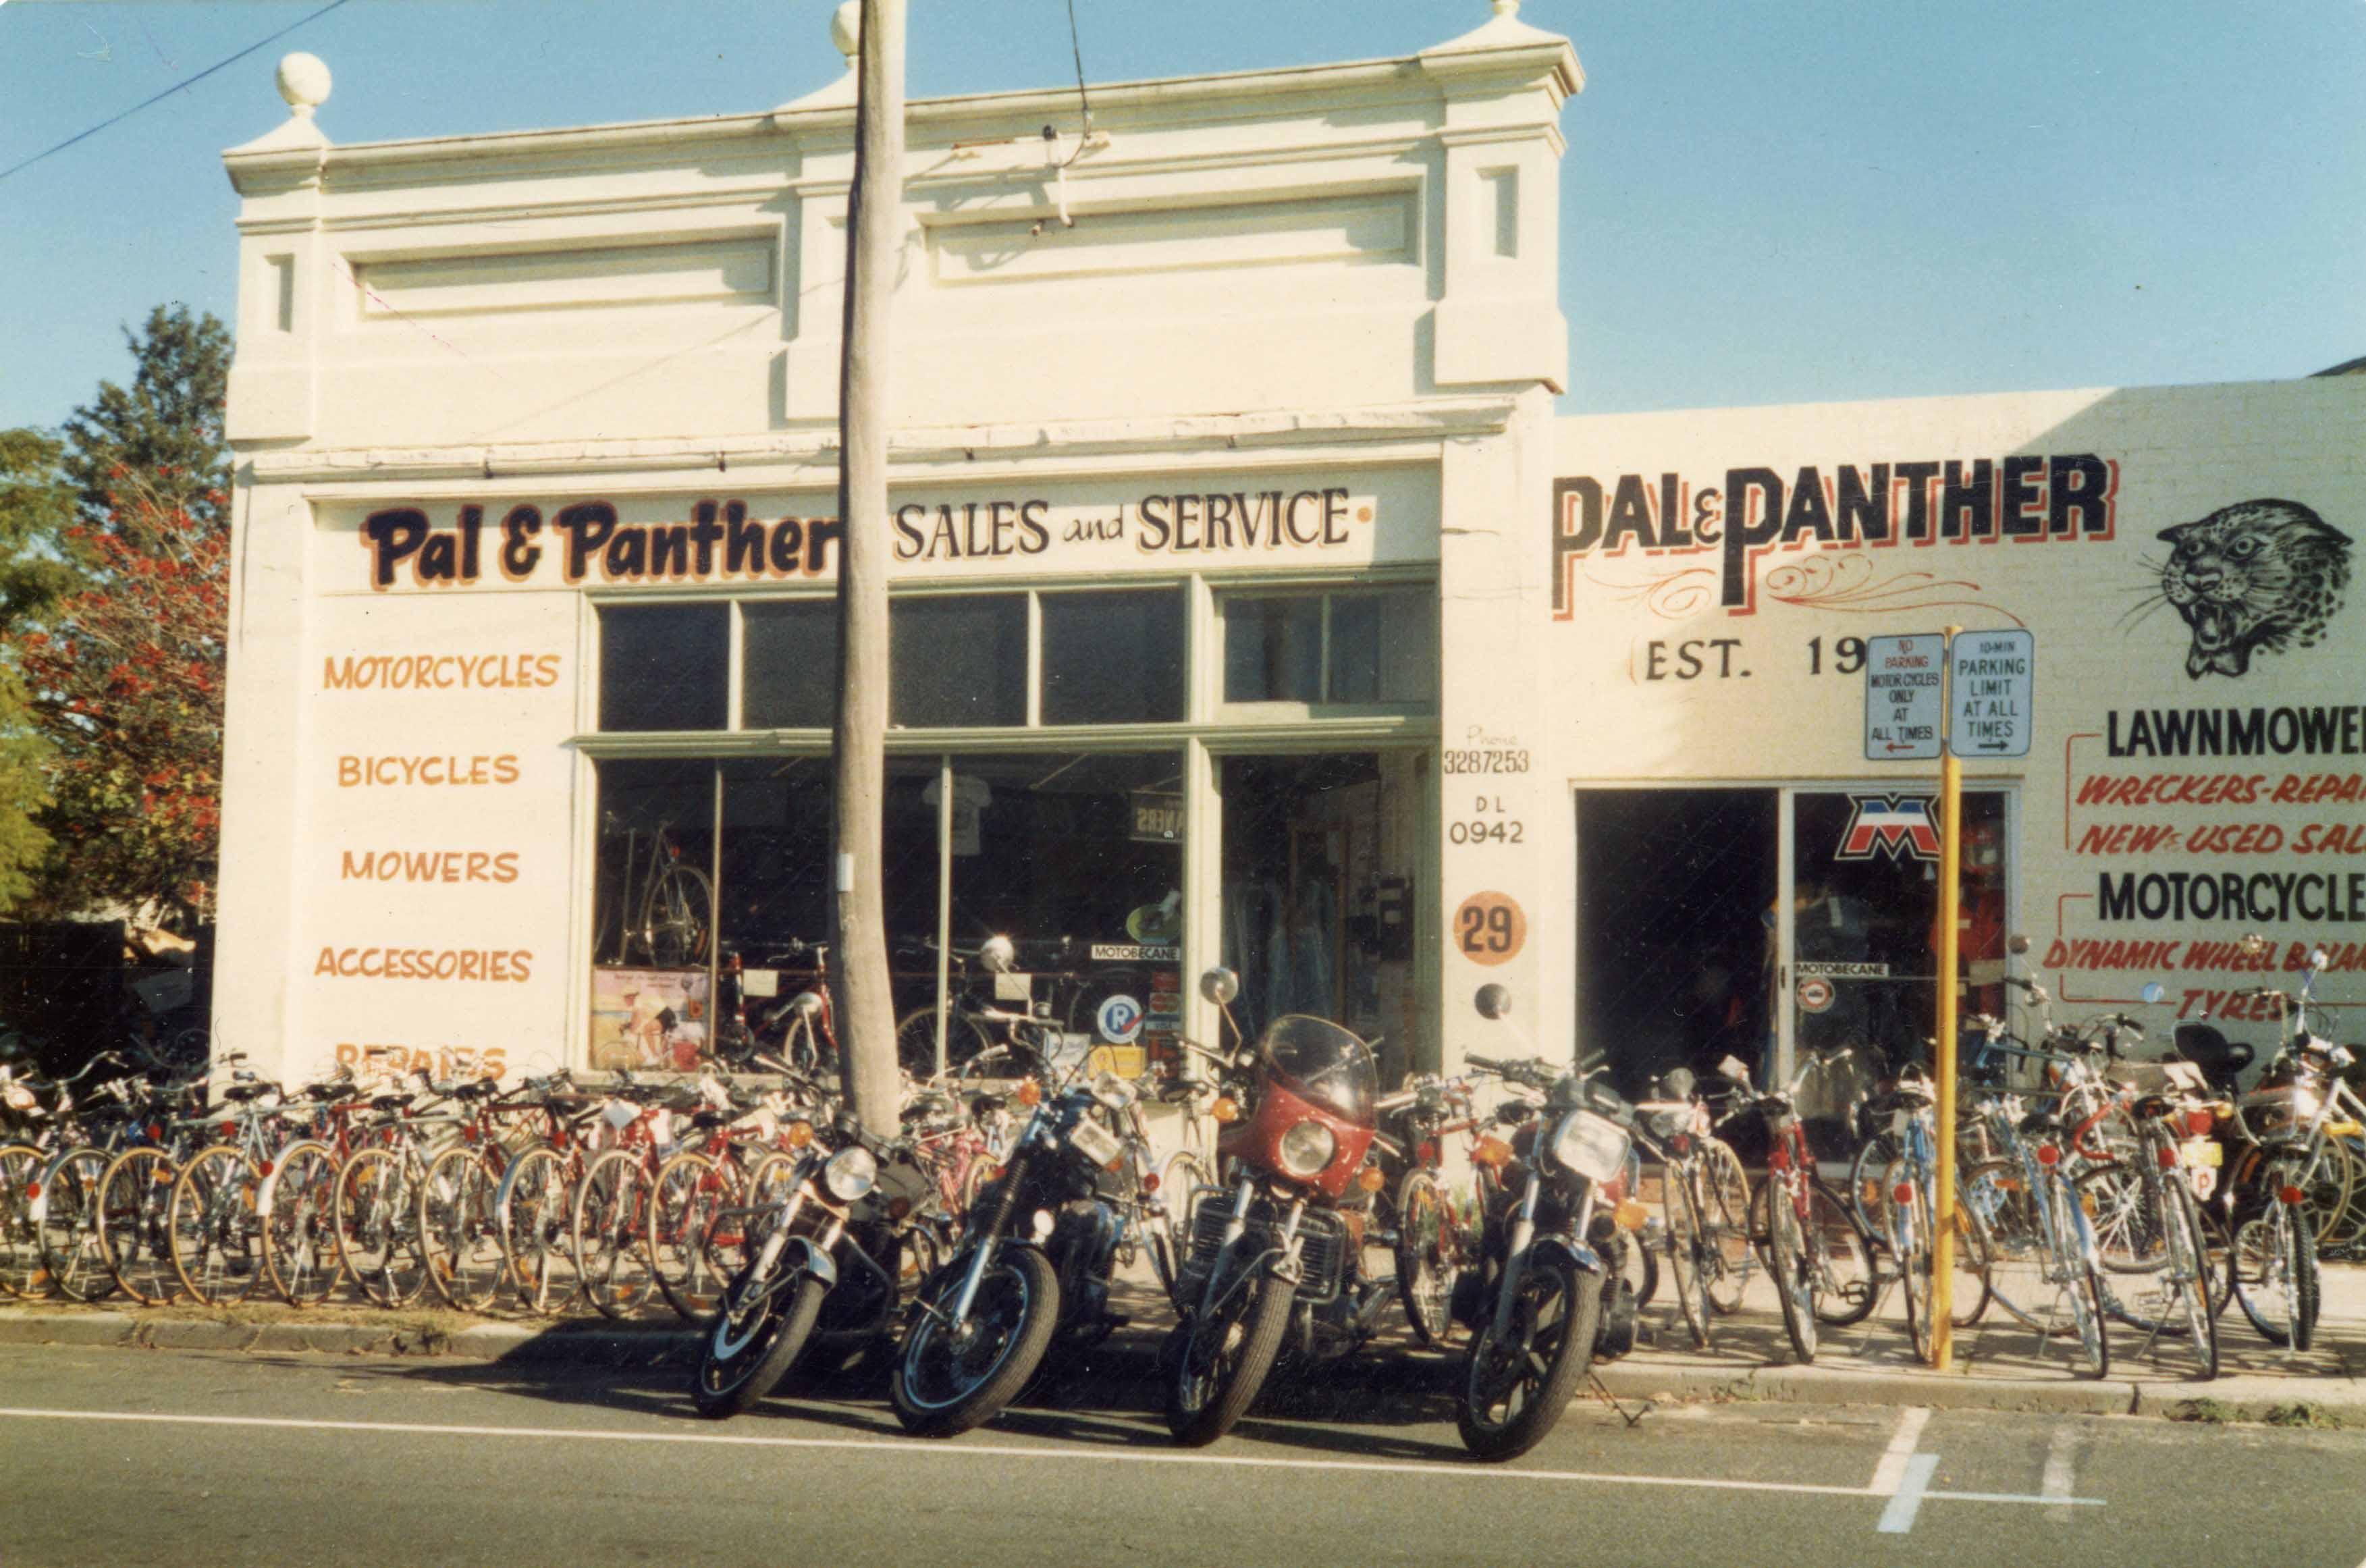 154. Pal & Panther, 1985